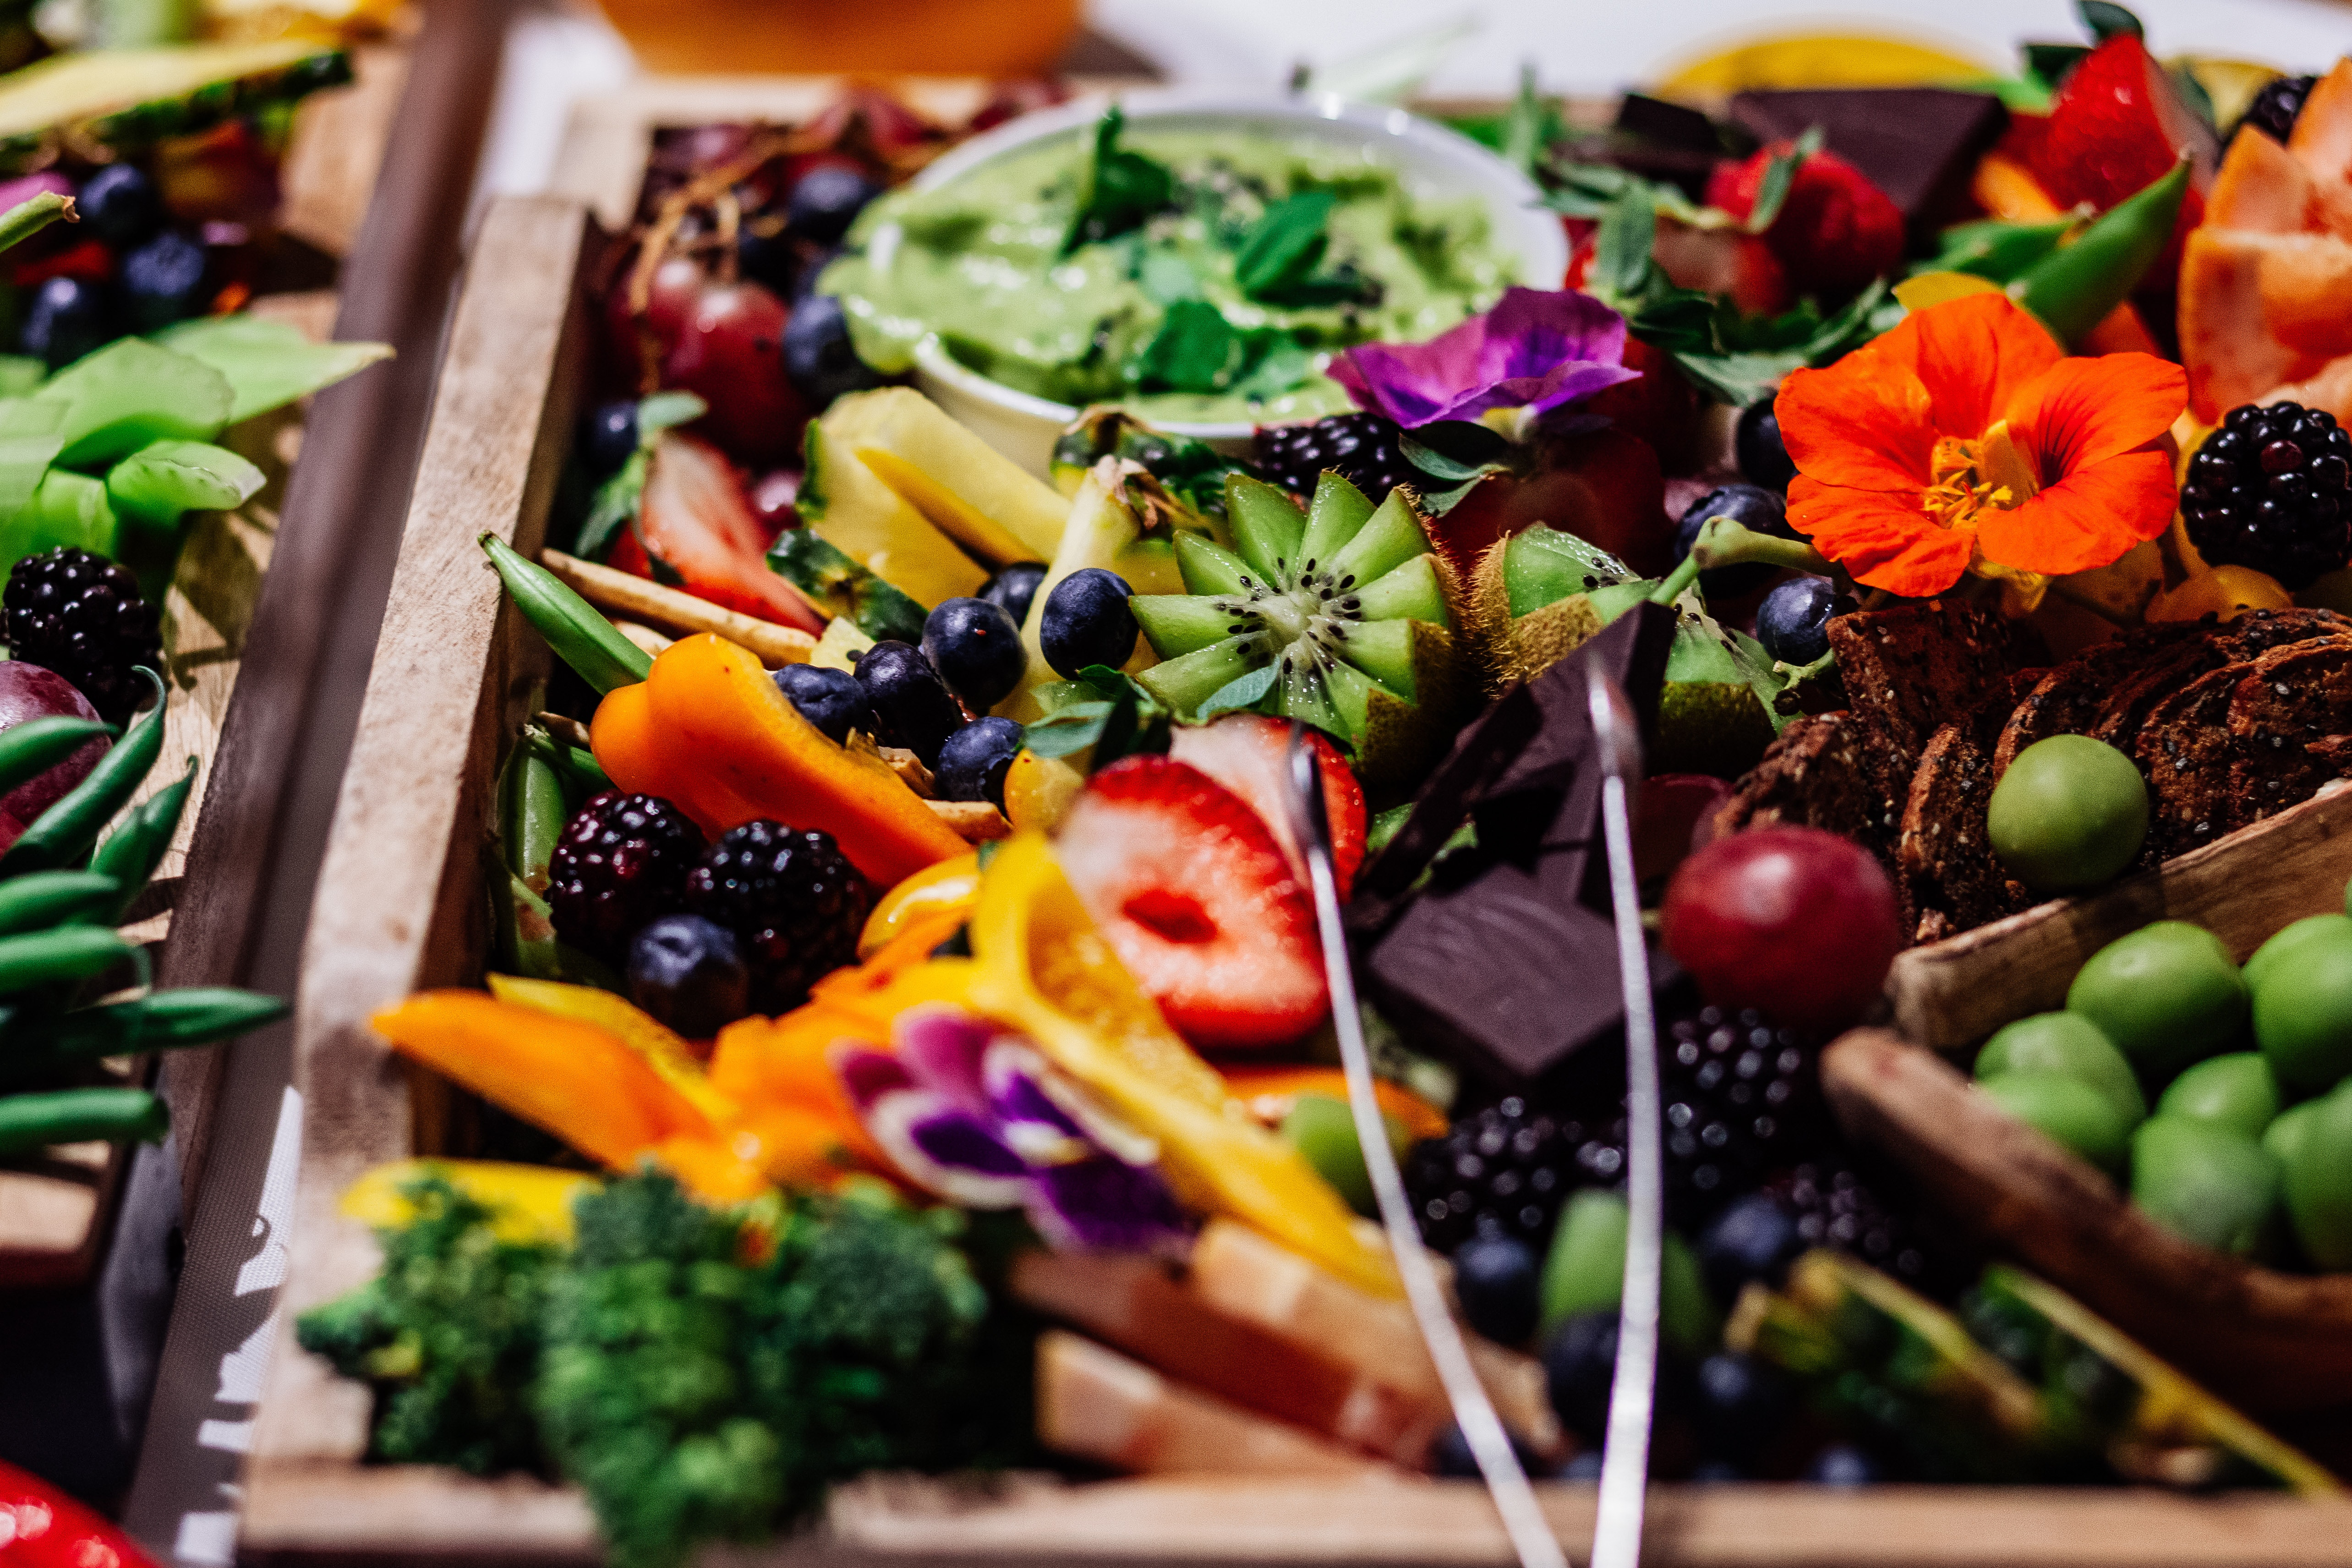 Konsumsi Buah dan Sayuran di Indonesia Masih Rendah